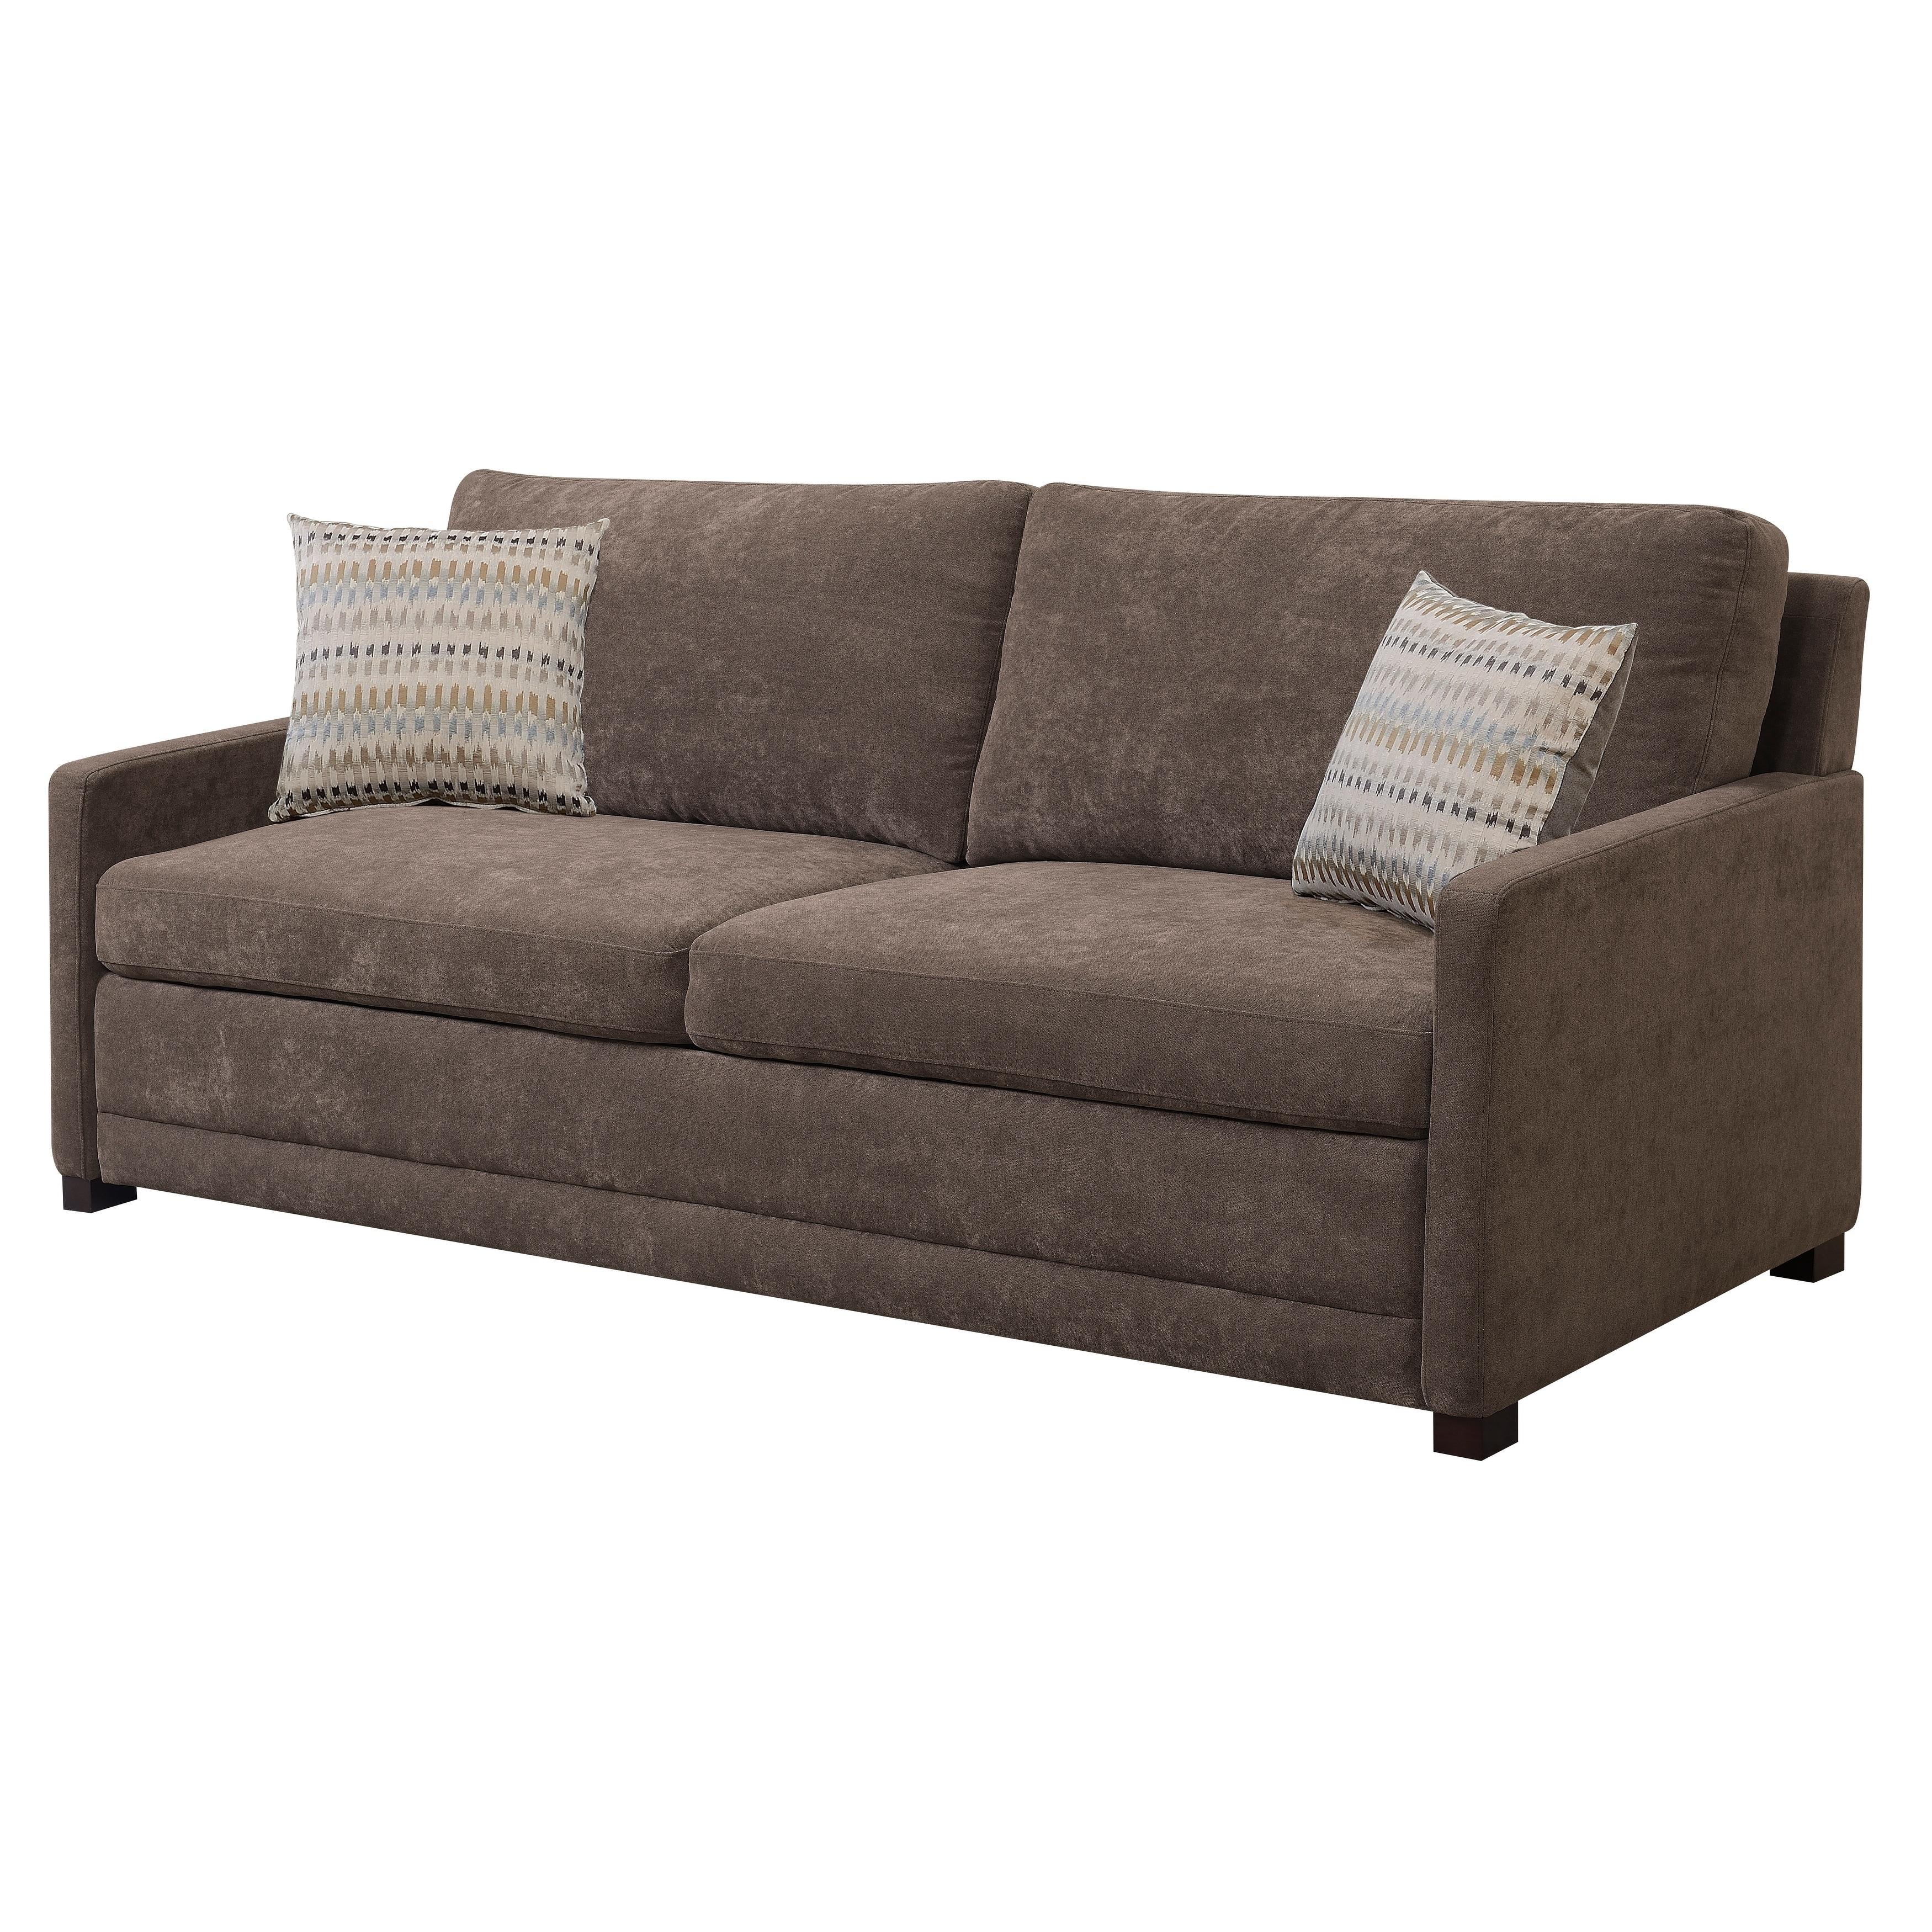 Serta Salinas Dream Brown Convertible Queen Sofa Free Shipping Today 22393018